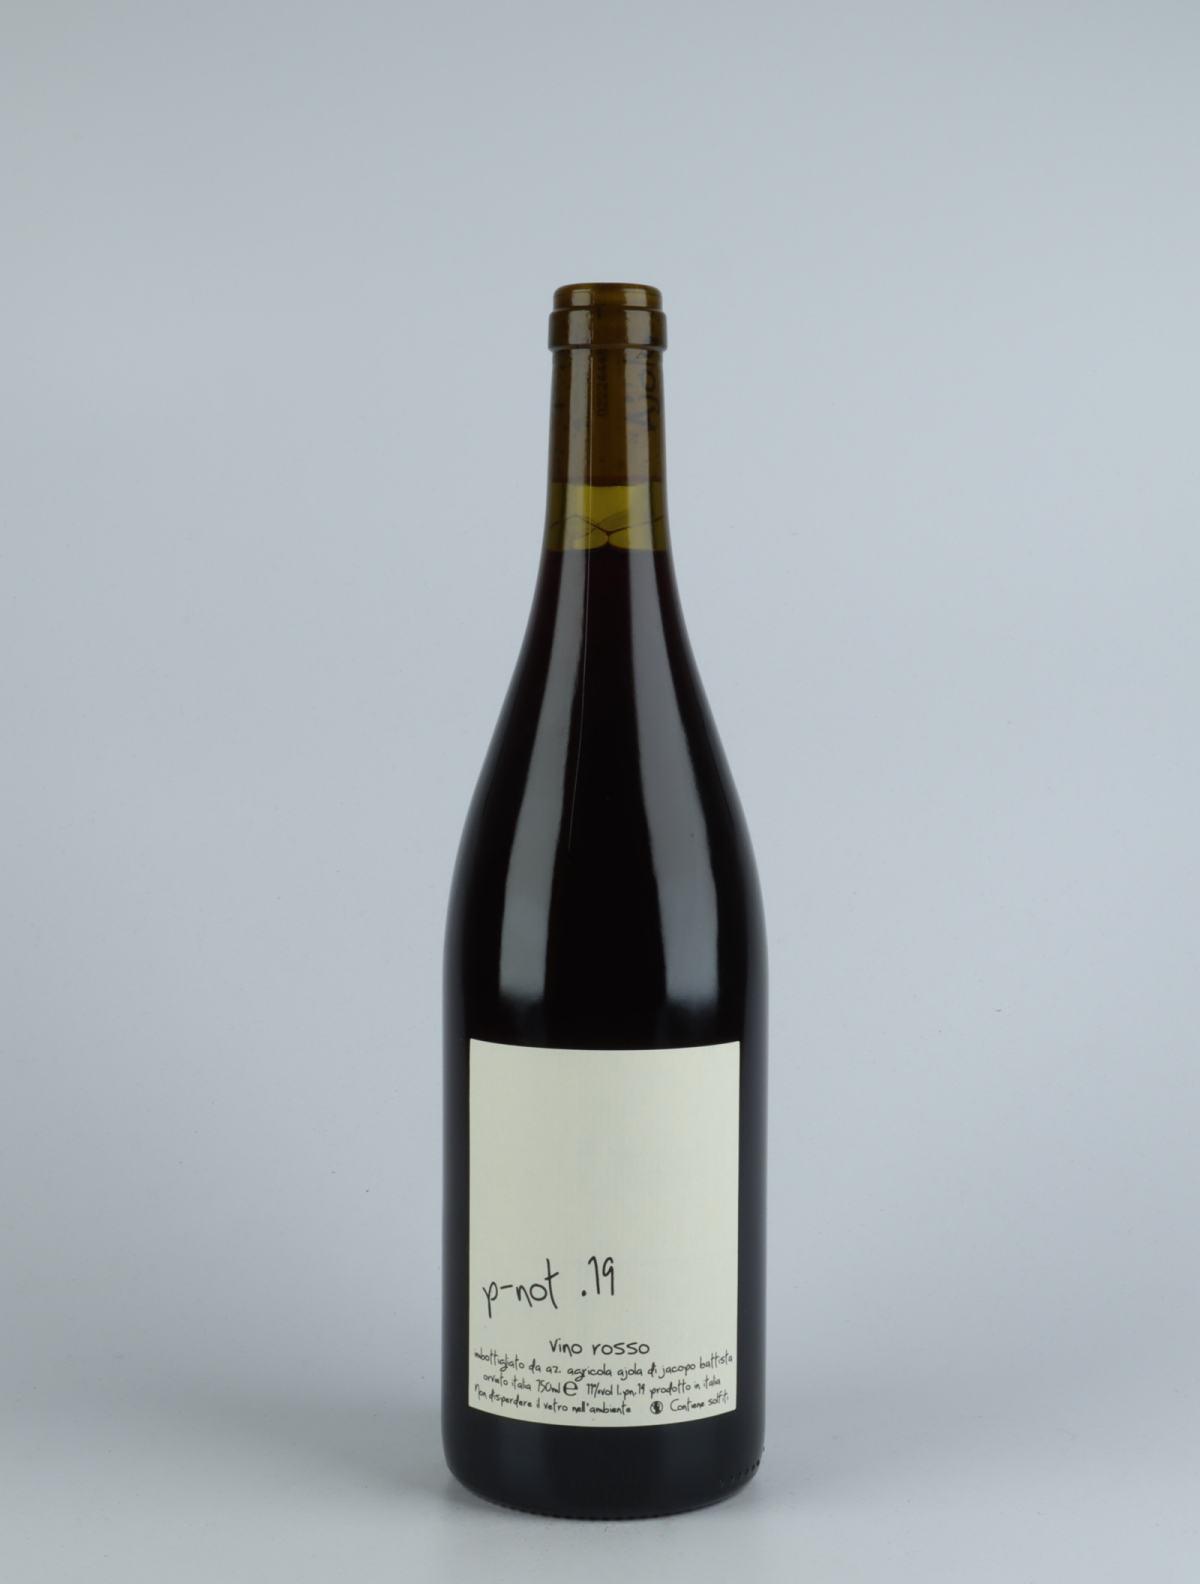 Vino Rosso P-not